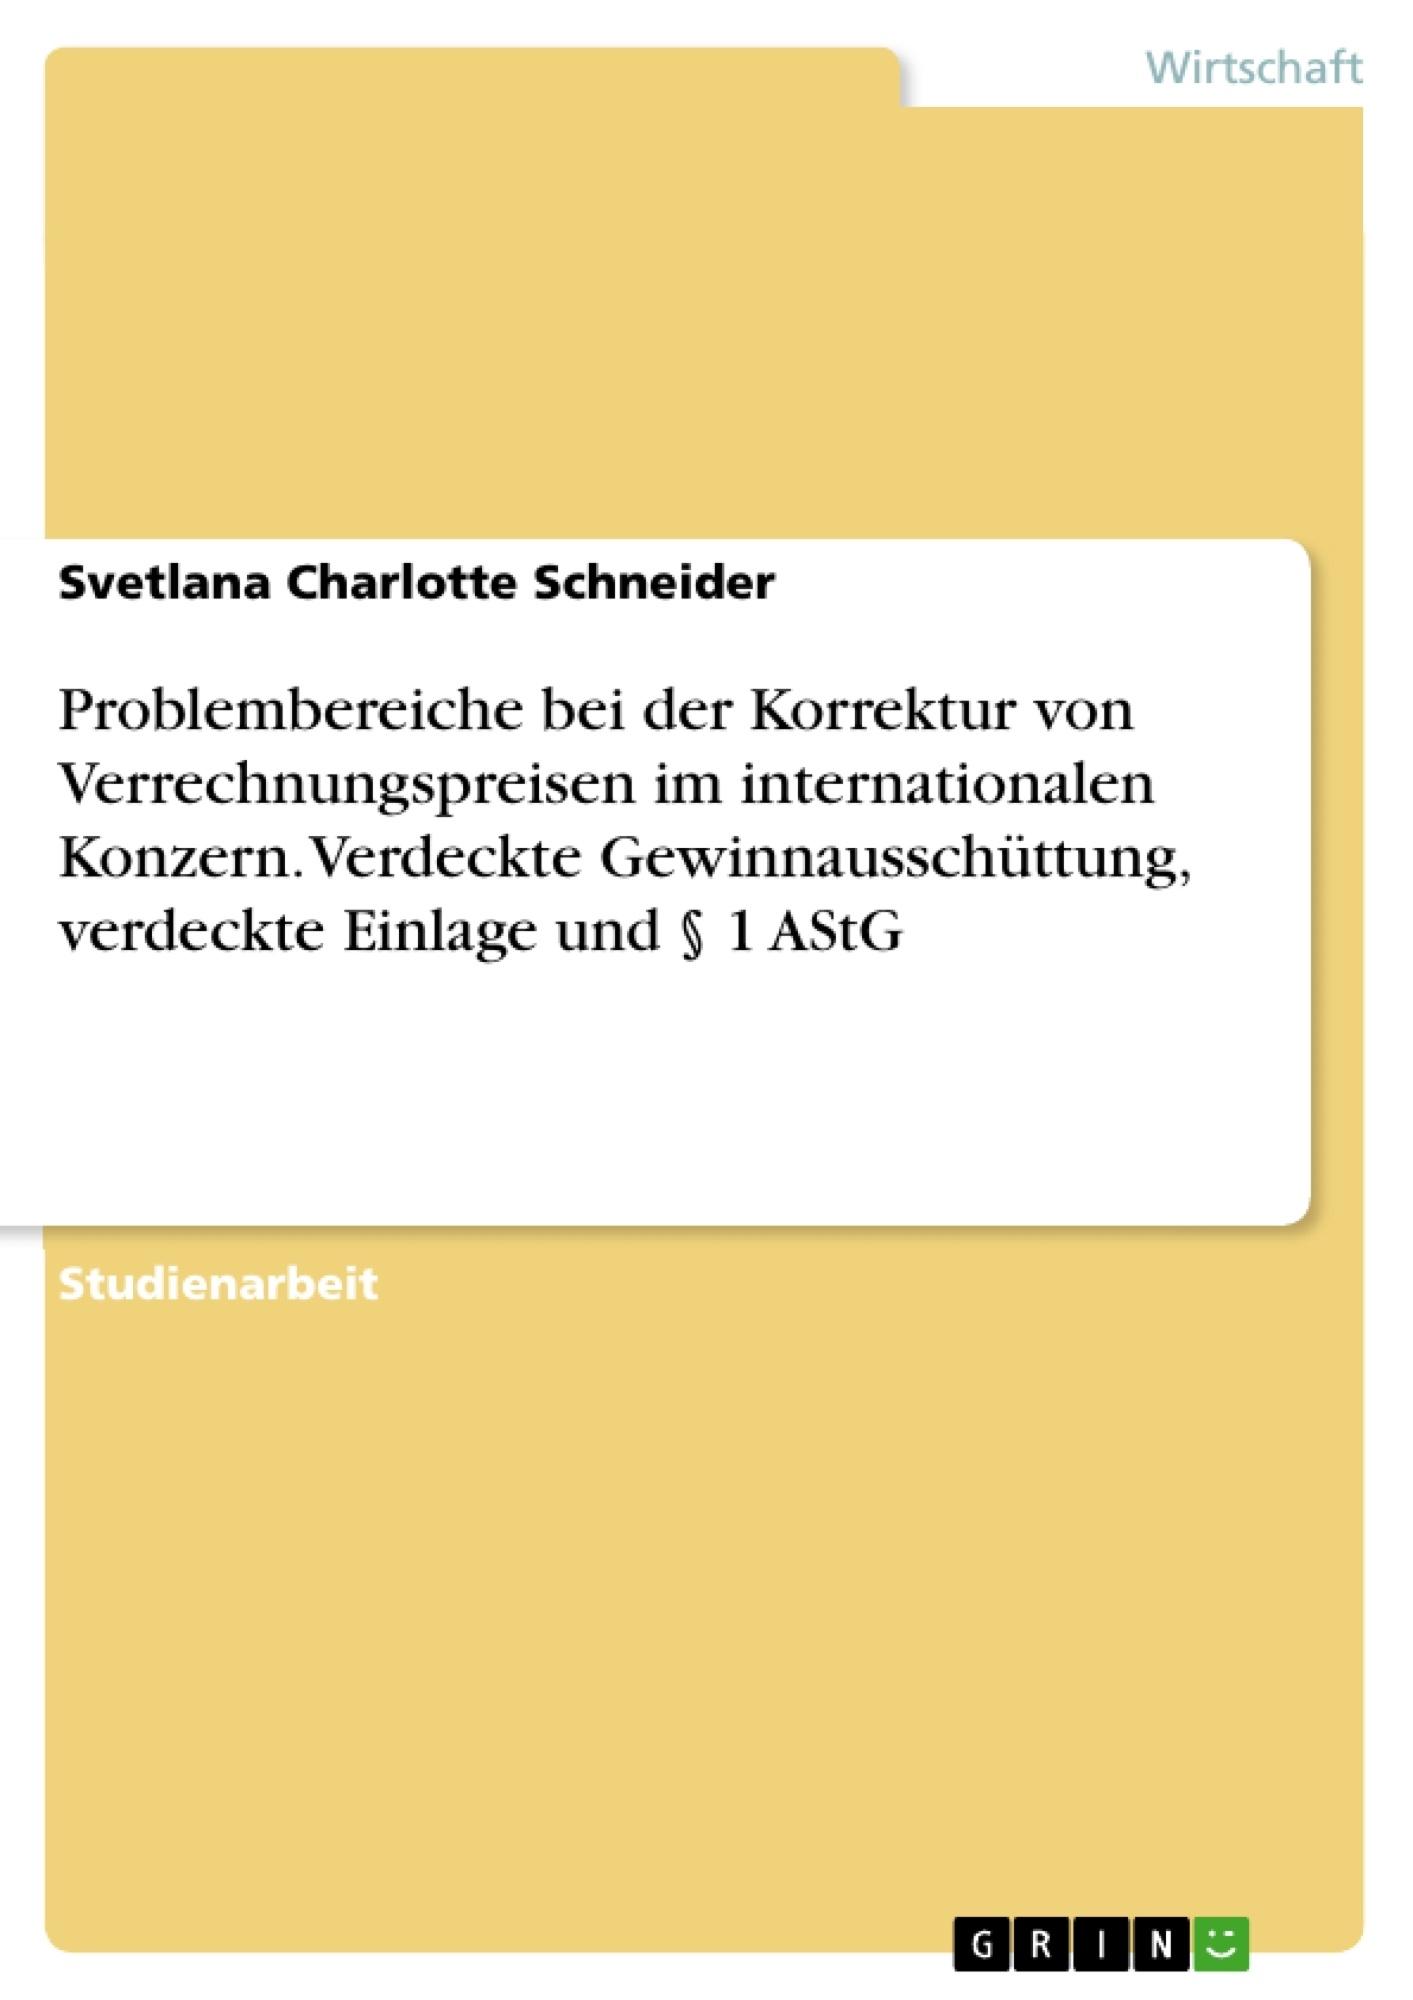 Titel: Problembereiche bei der Korrektur von Verrechnungspreisen im internationalen Konzern. Verdeckte Gewinnausschüttung, verdeckte Einlage und § 1 AStG